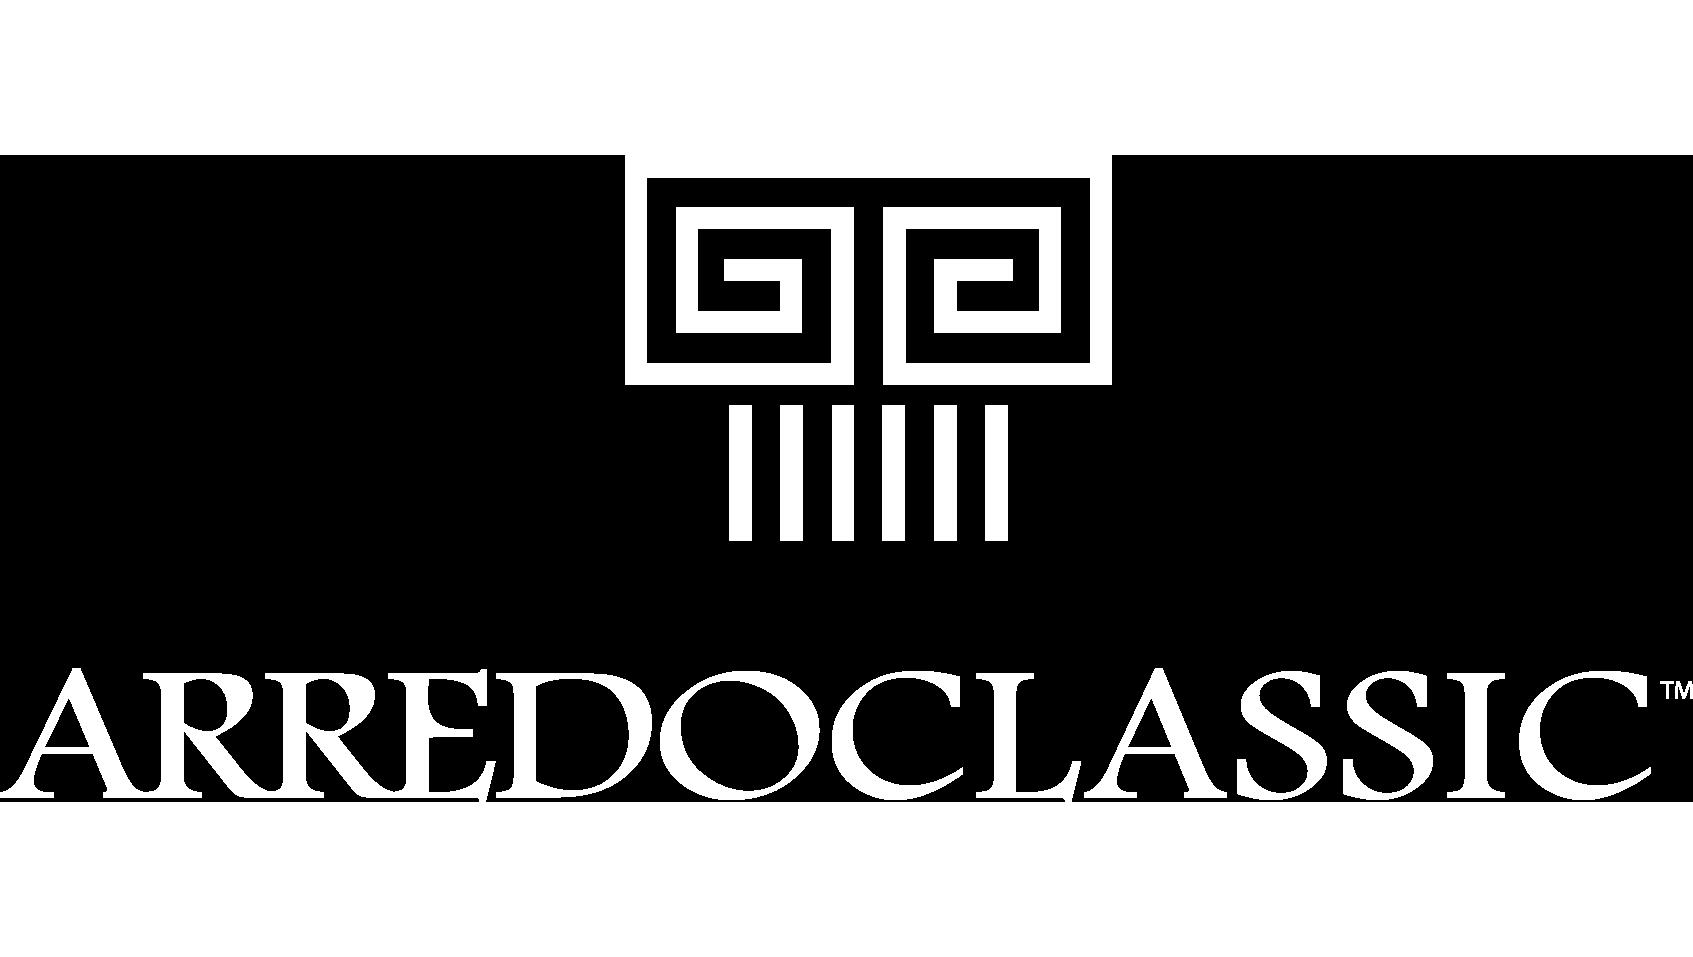 arredoclassic-09